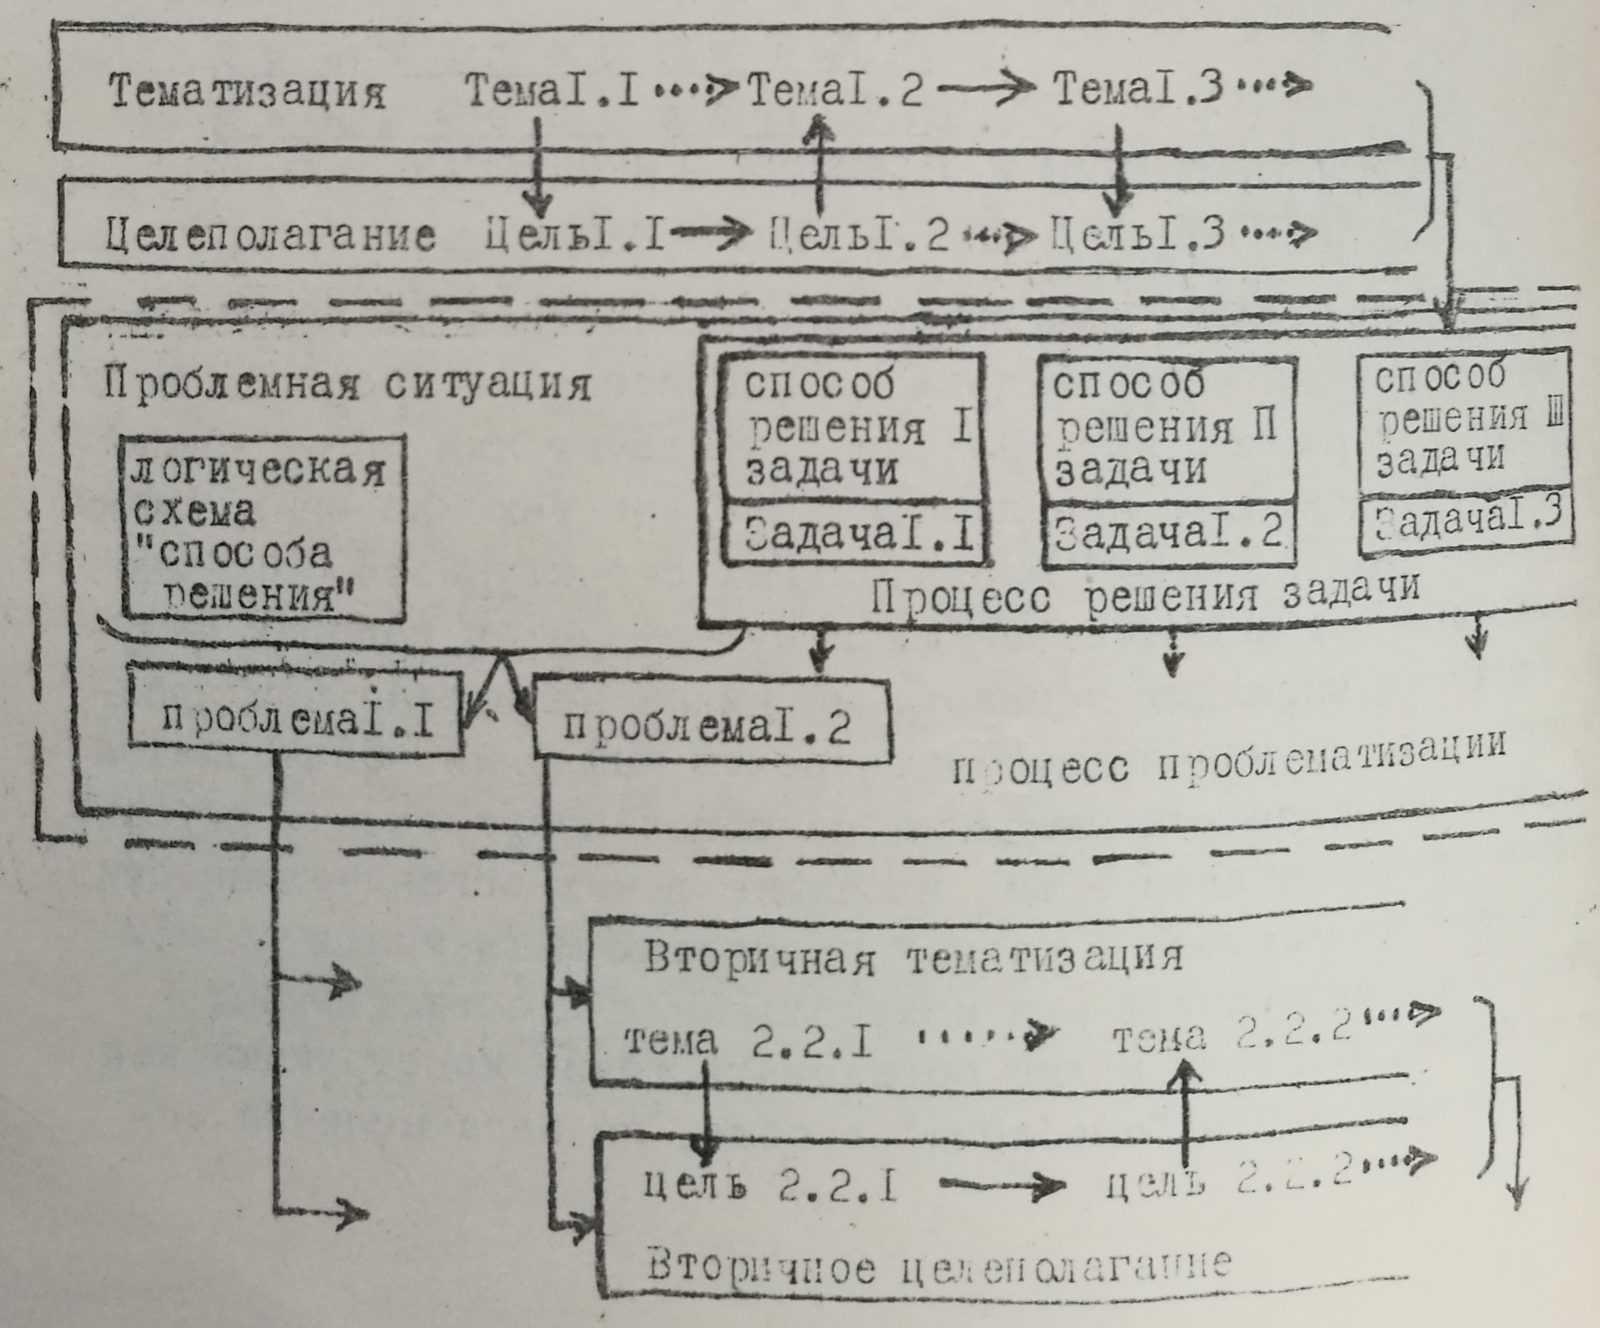 Проблематизация и проблемы в процессах программирования решения задач